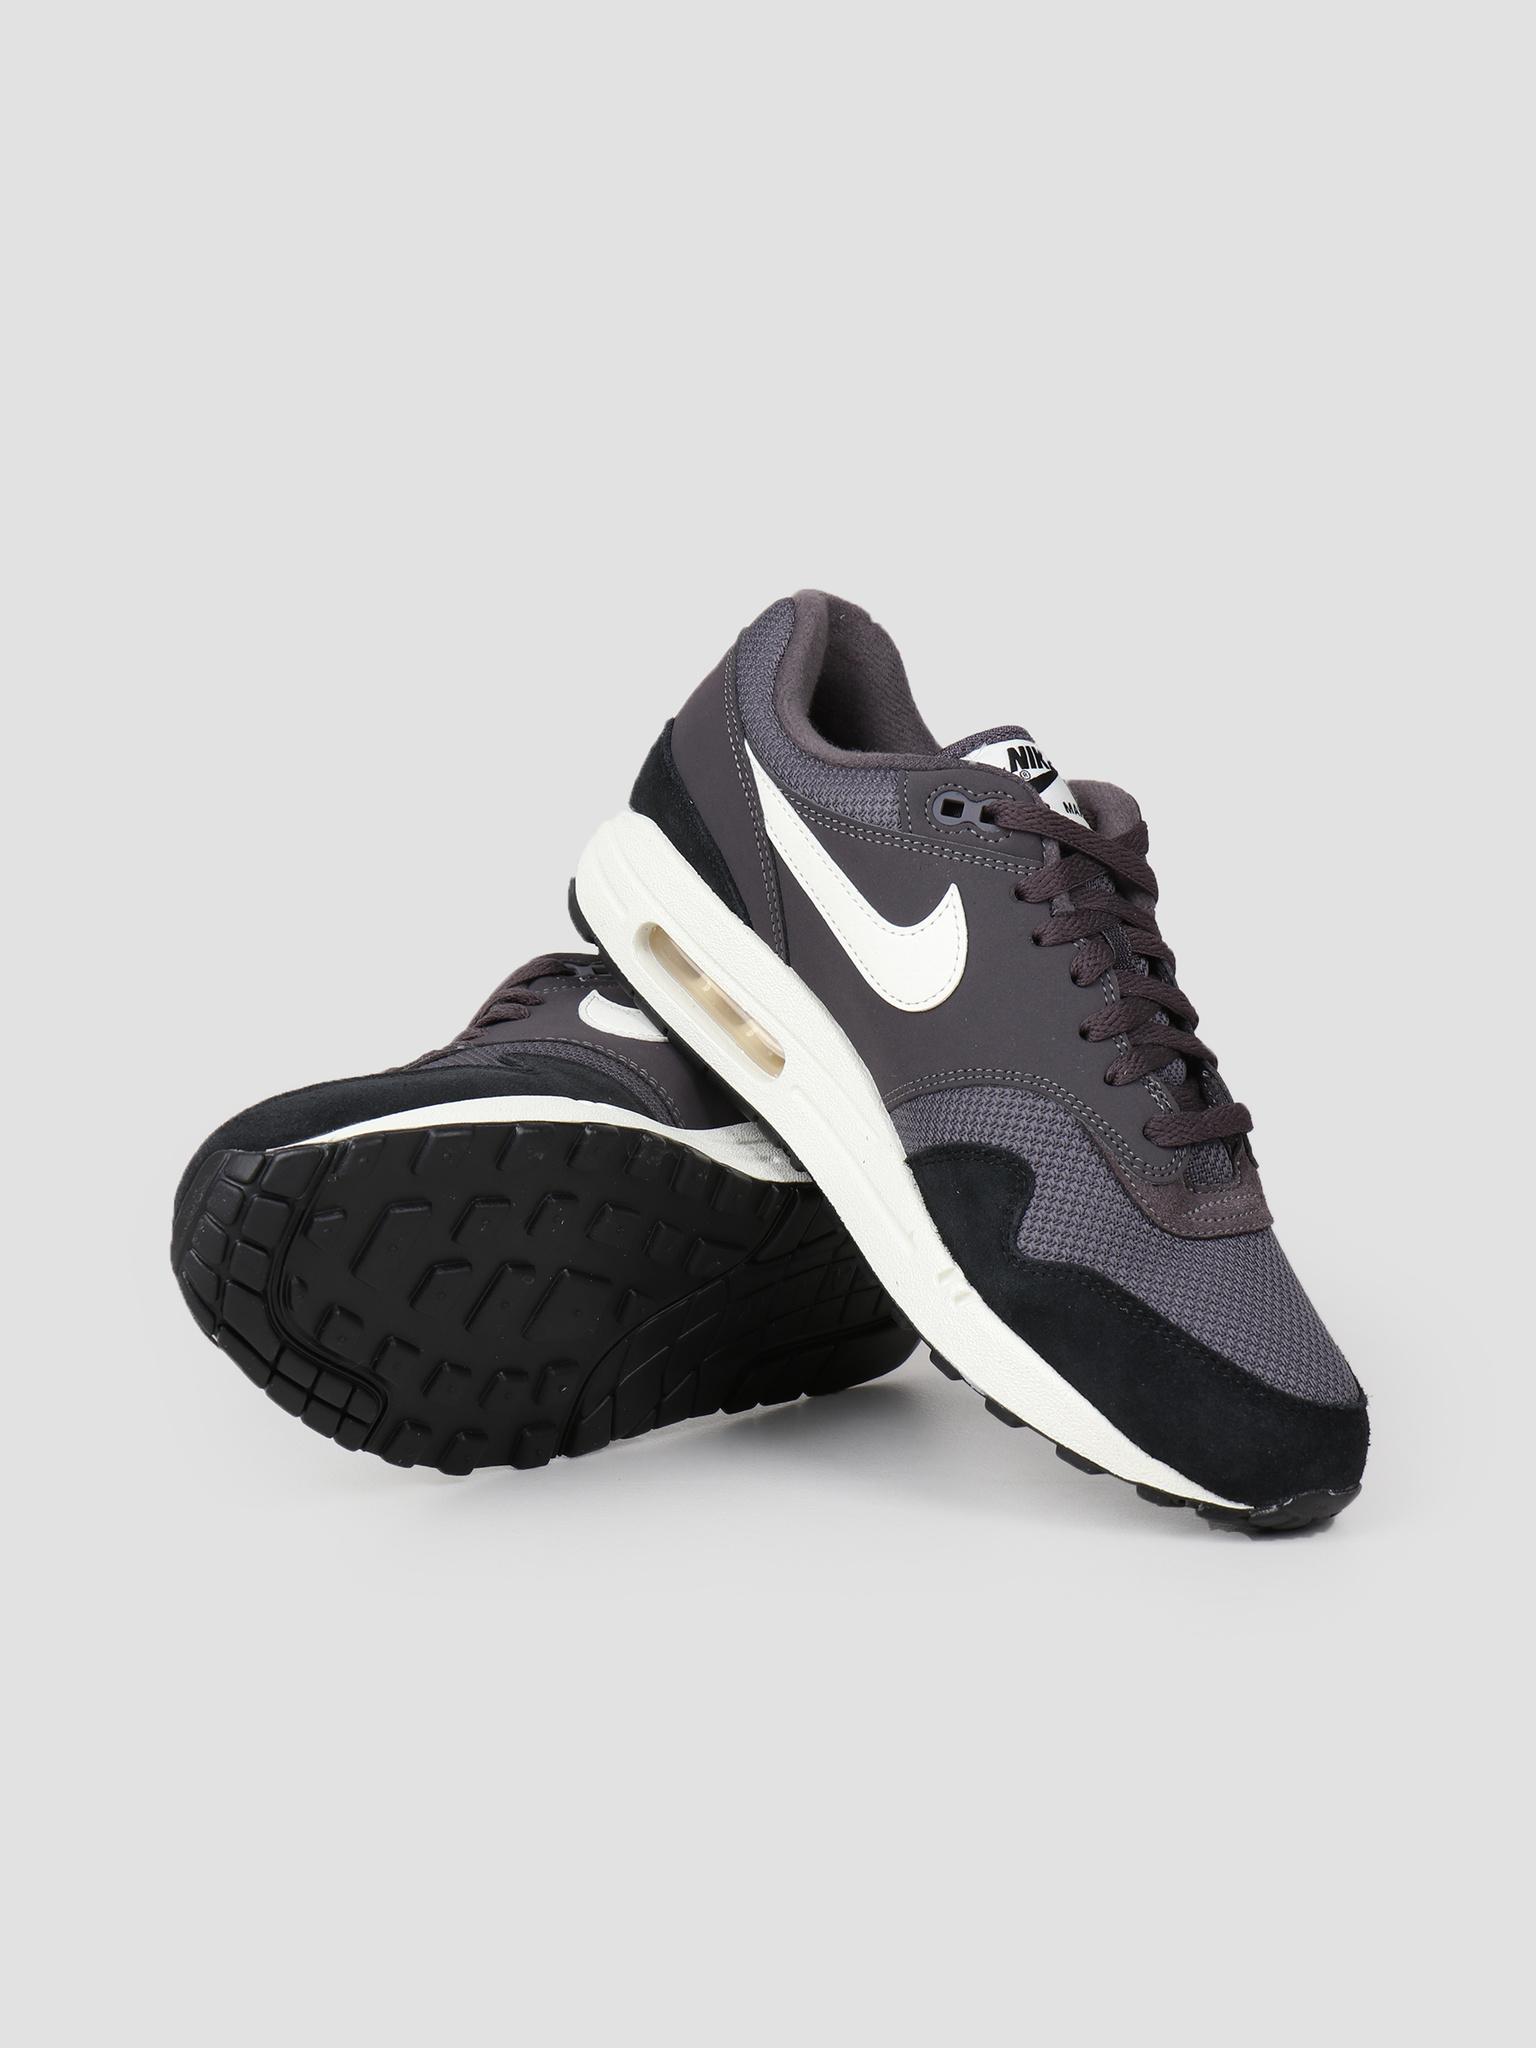 new style 7d480 e54da Nike Nike Air Max 1 Shoe Thunder Grey Sail-Sail-Black Ah8145-012